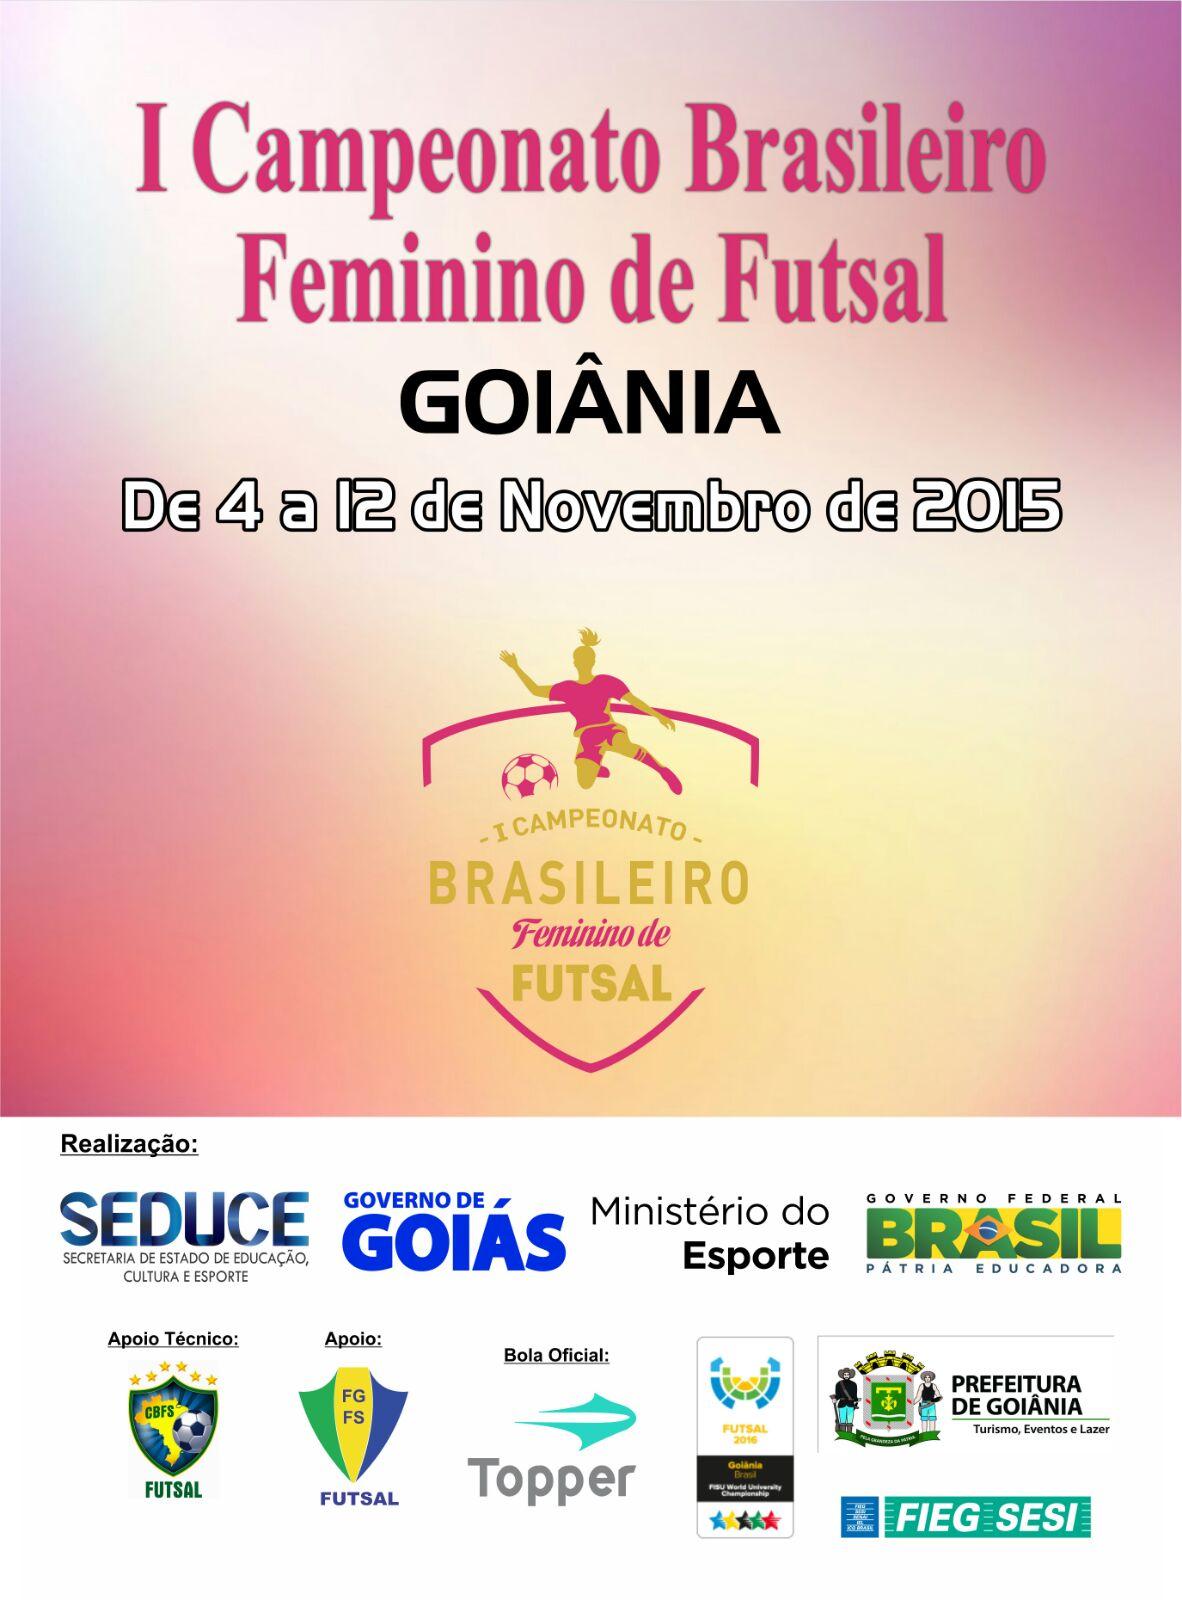 I_Camp_Brasileiro_Fem_Futsal_Goiania_Cartaz